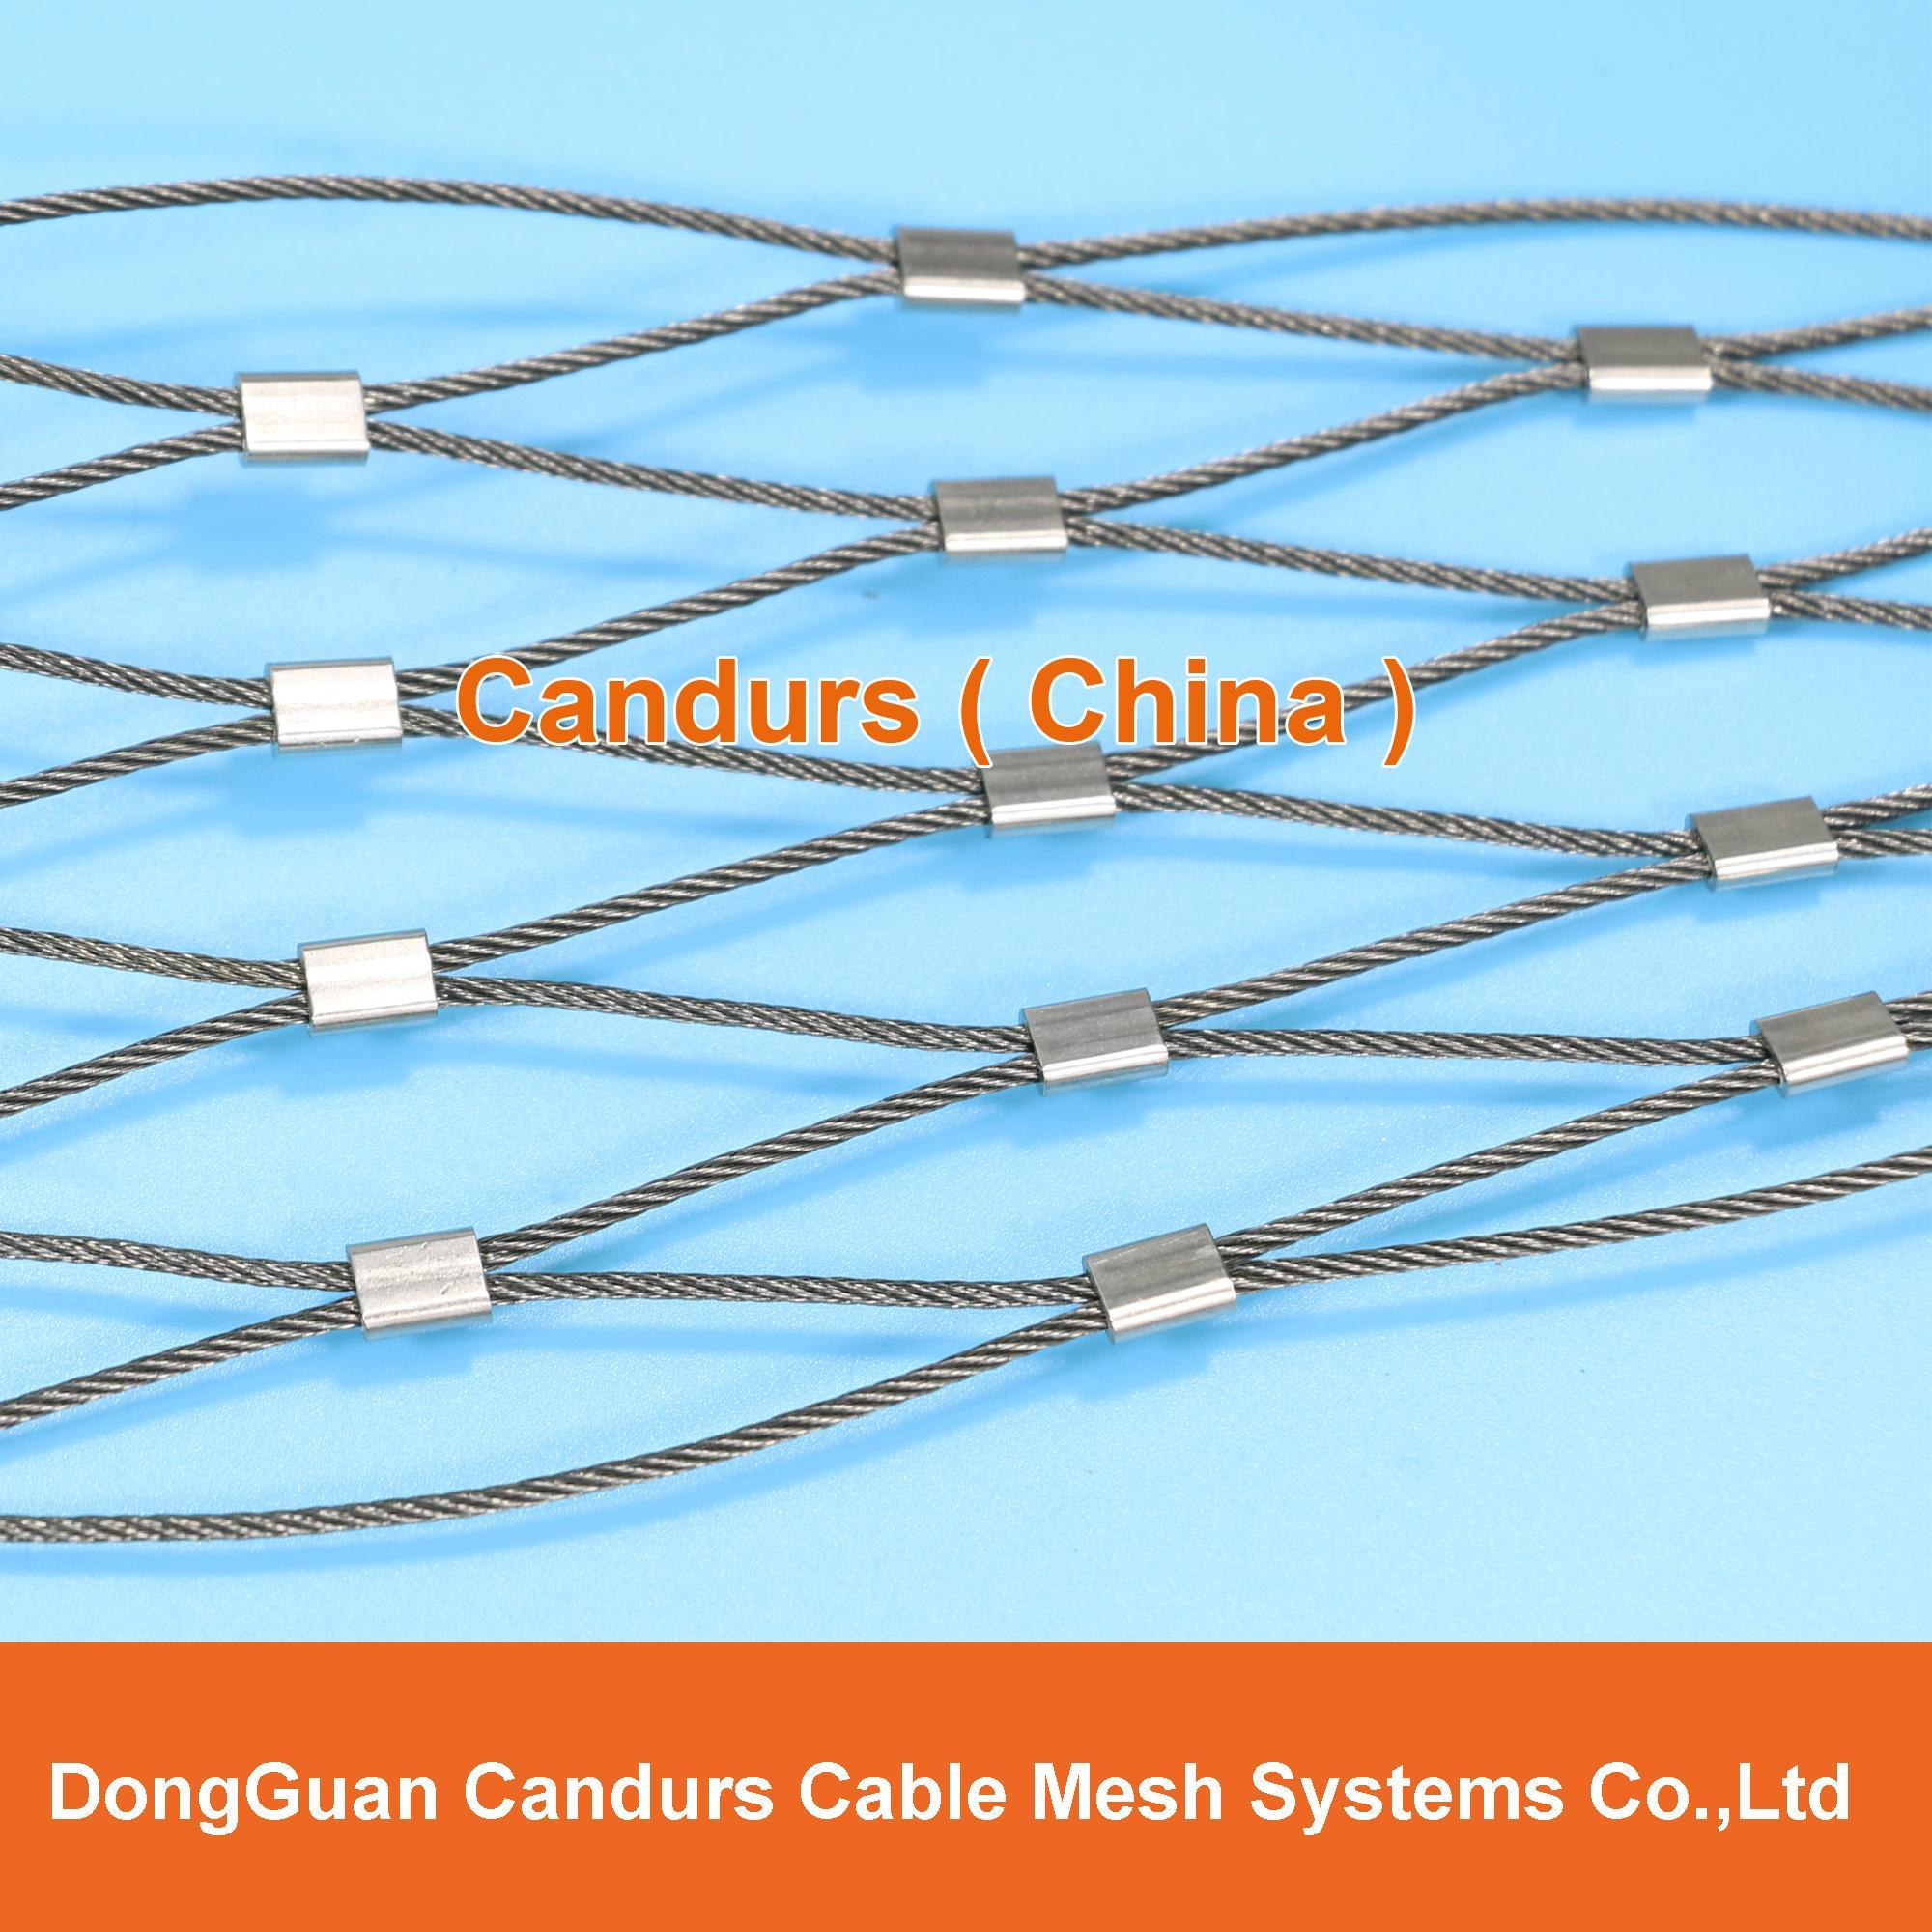 新工藝不鏽鋼扶手網 1